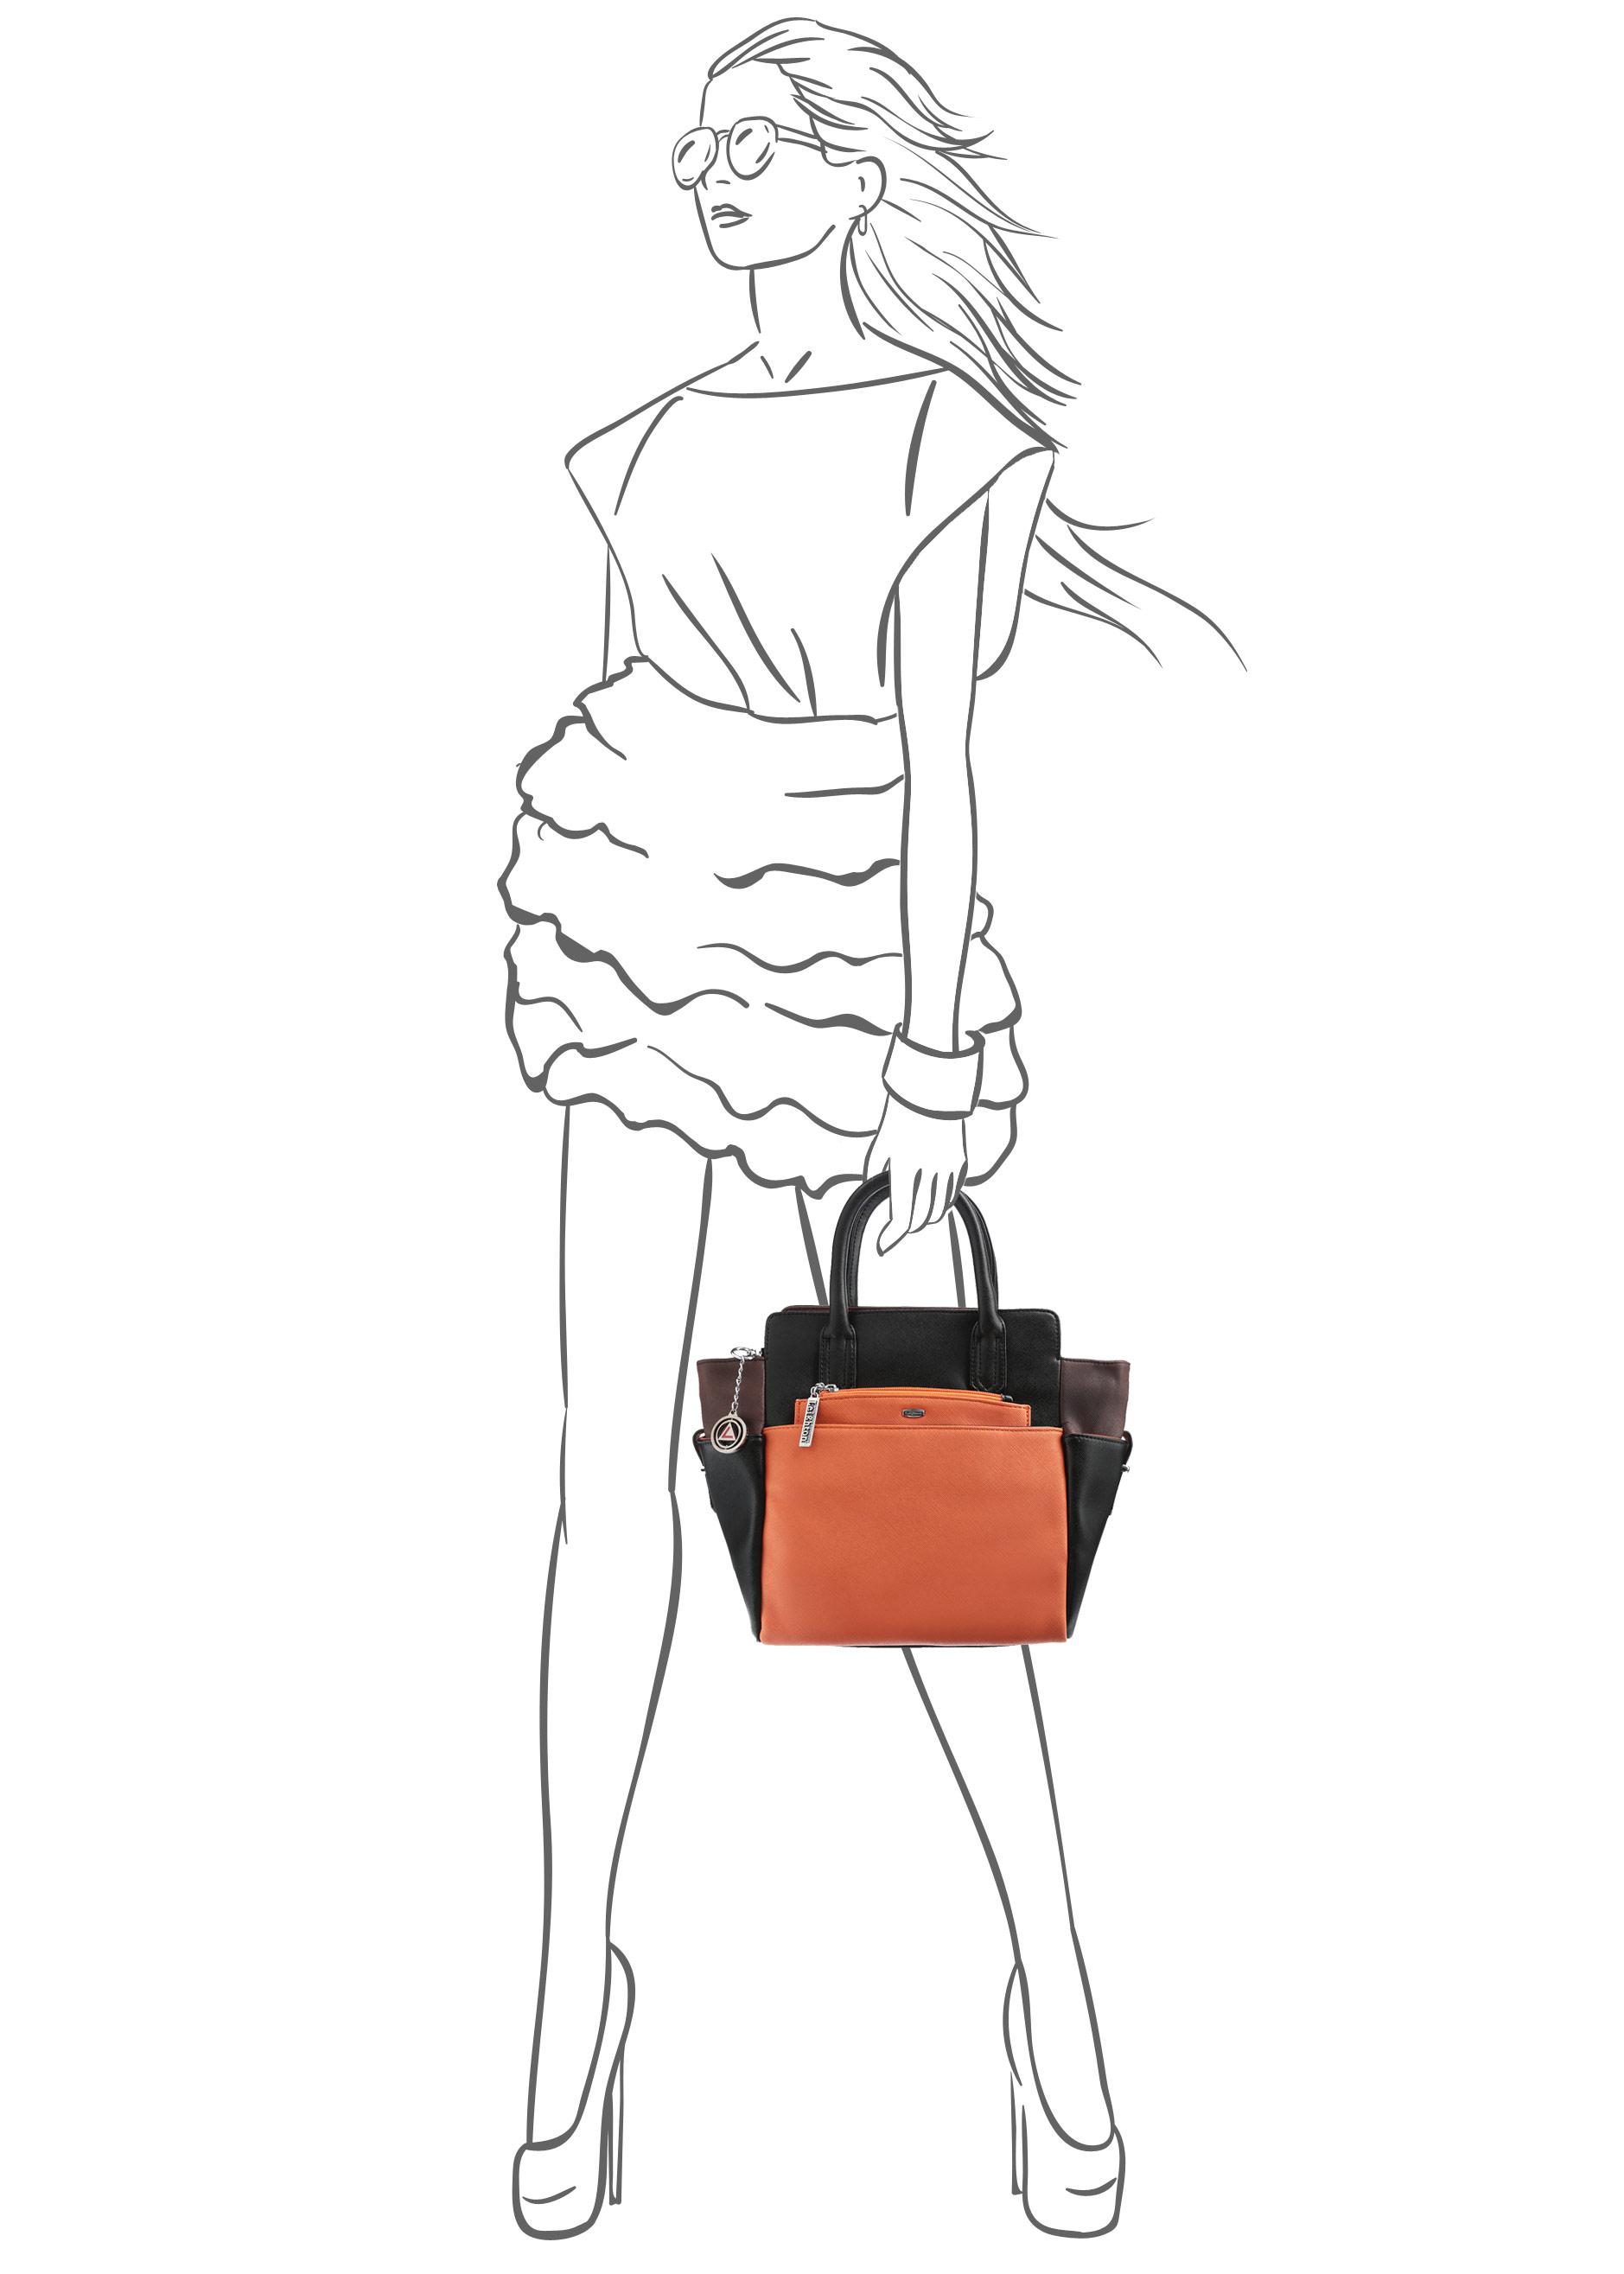 Сумка женская Leighton, цвет: черный, темно-коричневый, оранжевый. 570382-3769/1/3769/7/3769 ( 570382-3769/1/3769/7/3769 )